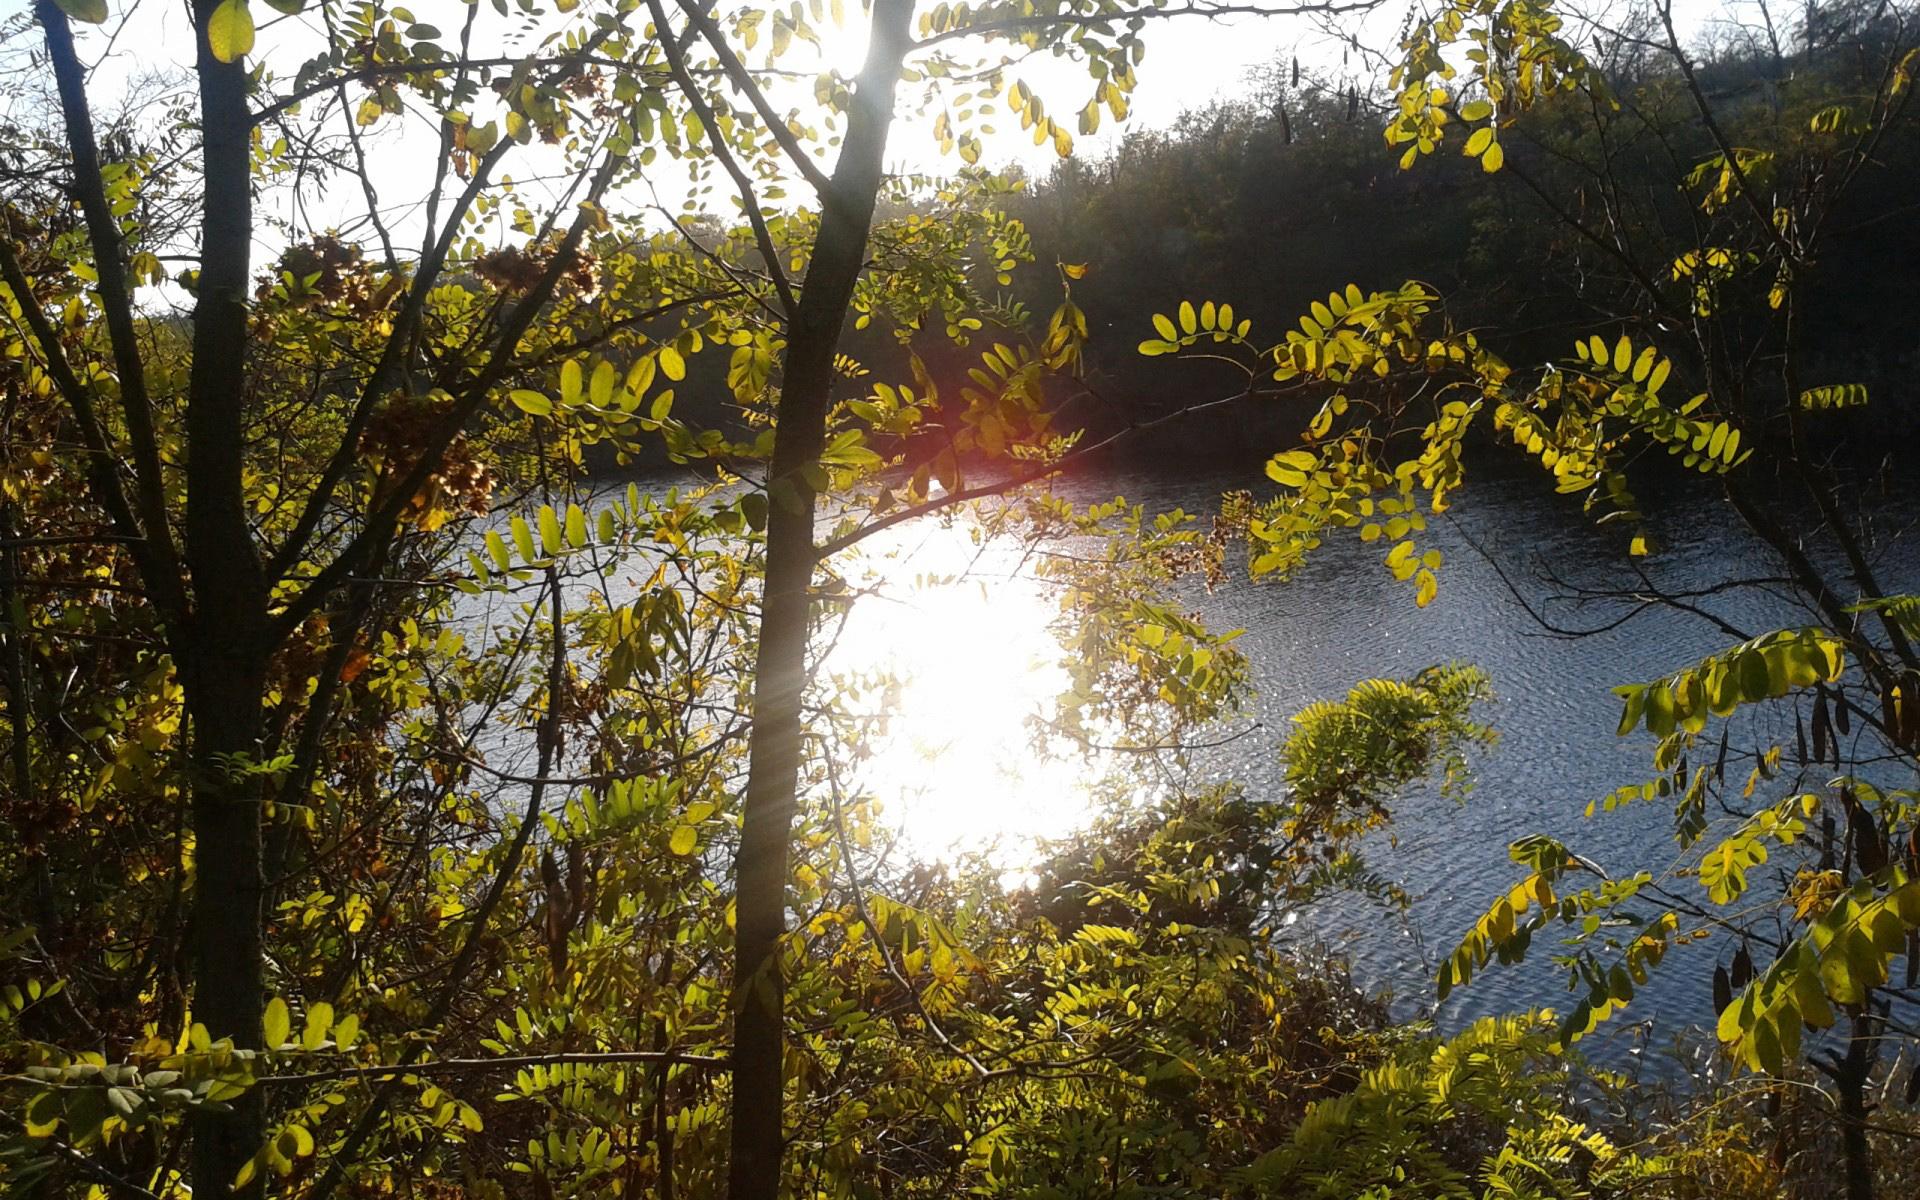 река, кусты, деревья